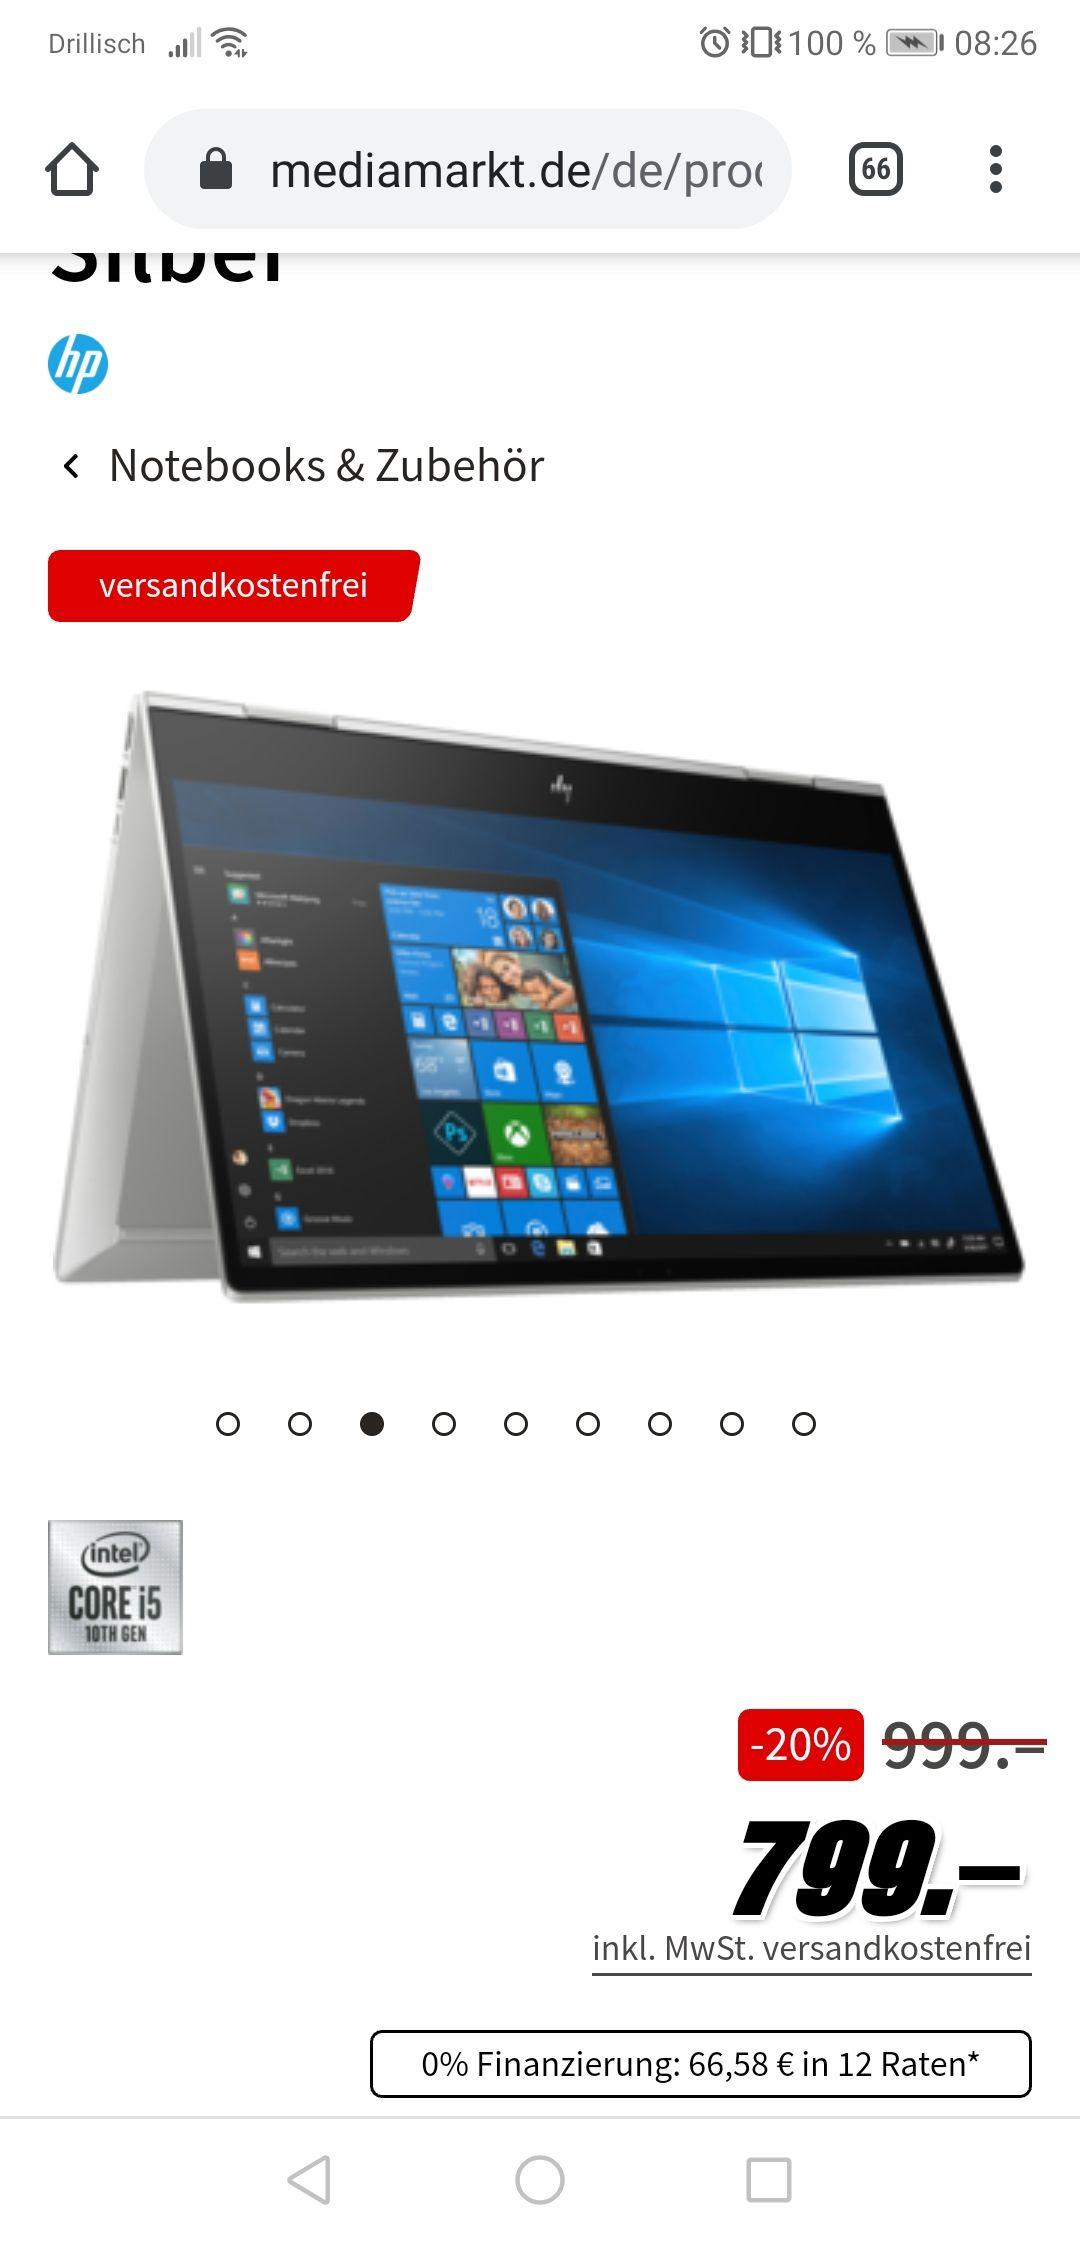 HP ENVY x360 20% Rabatt bei MediaMarkt